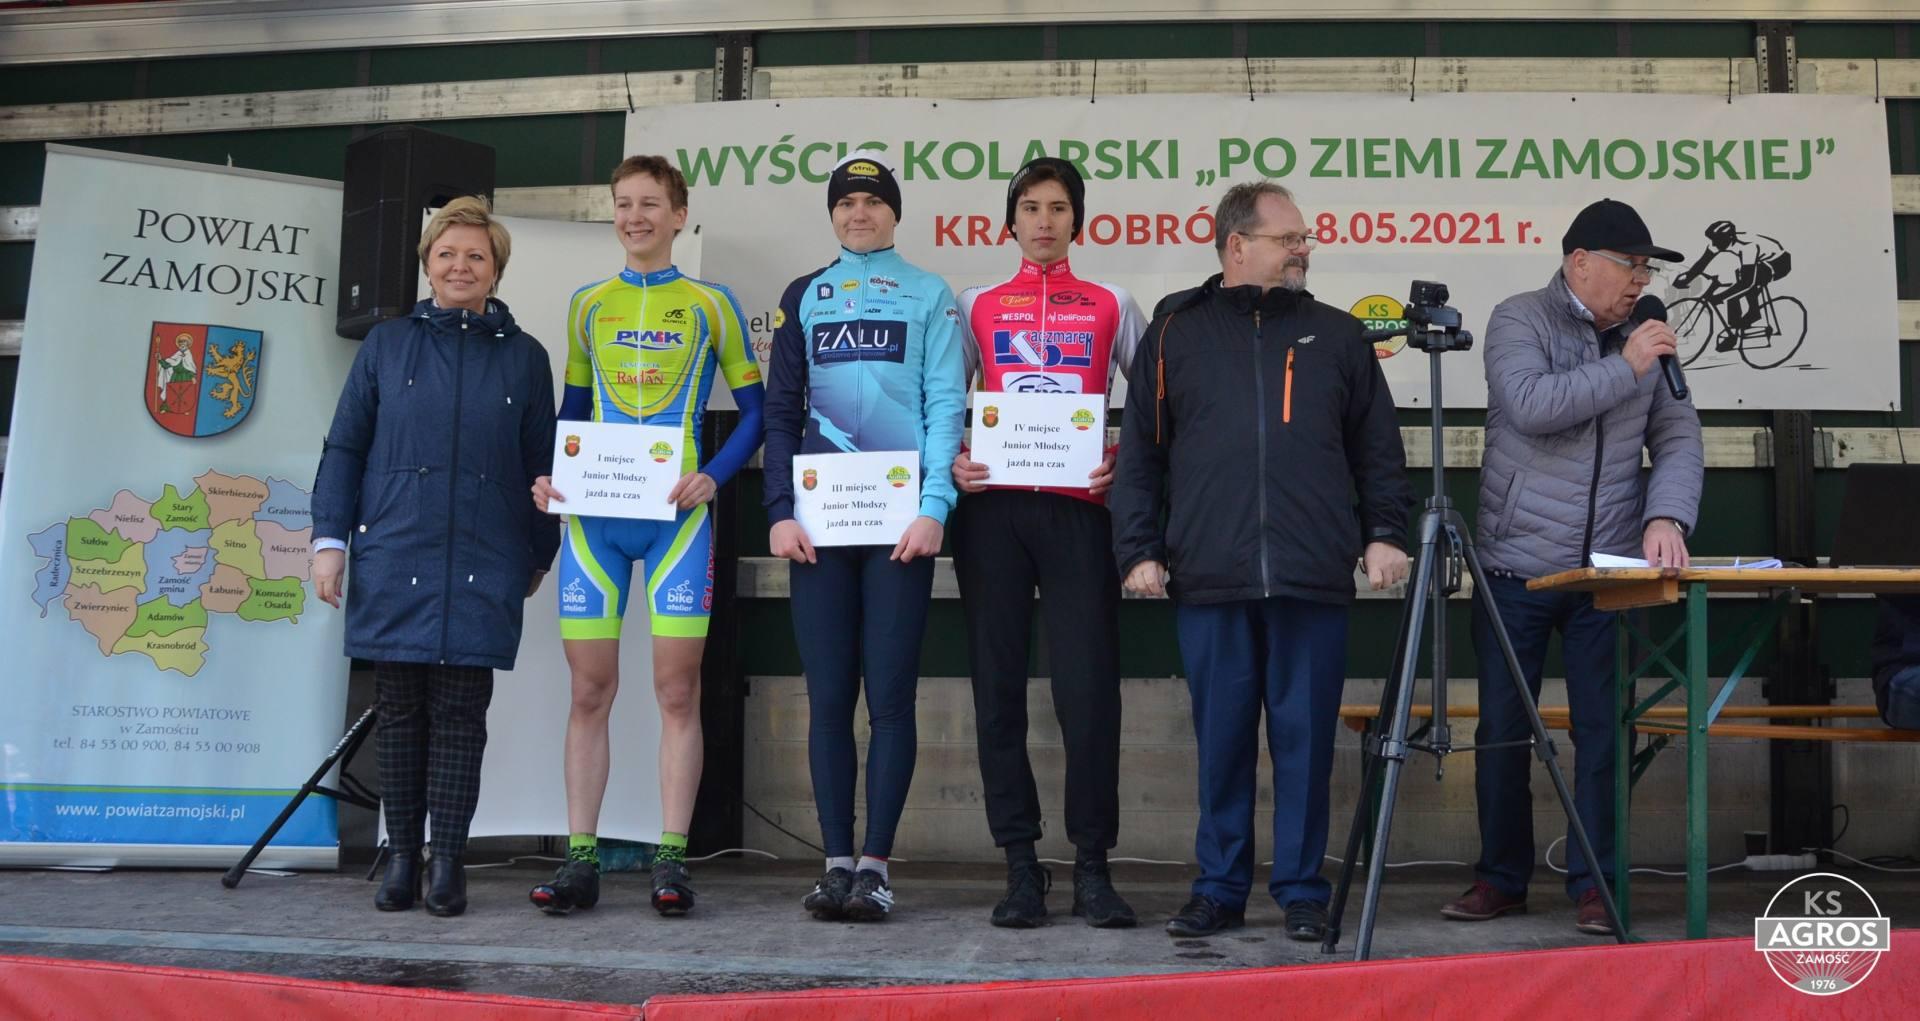 dsc 0355 Puchar Polski w kolarstwie szosowym na drogach Zamojszczyzny